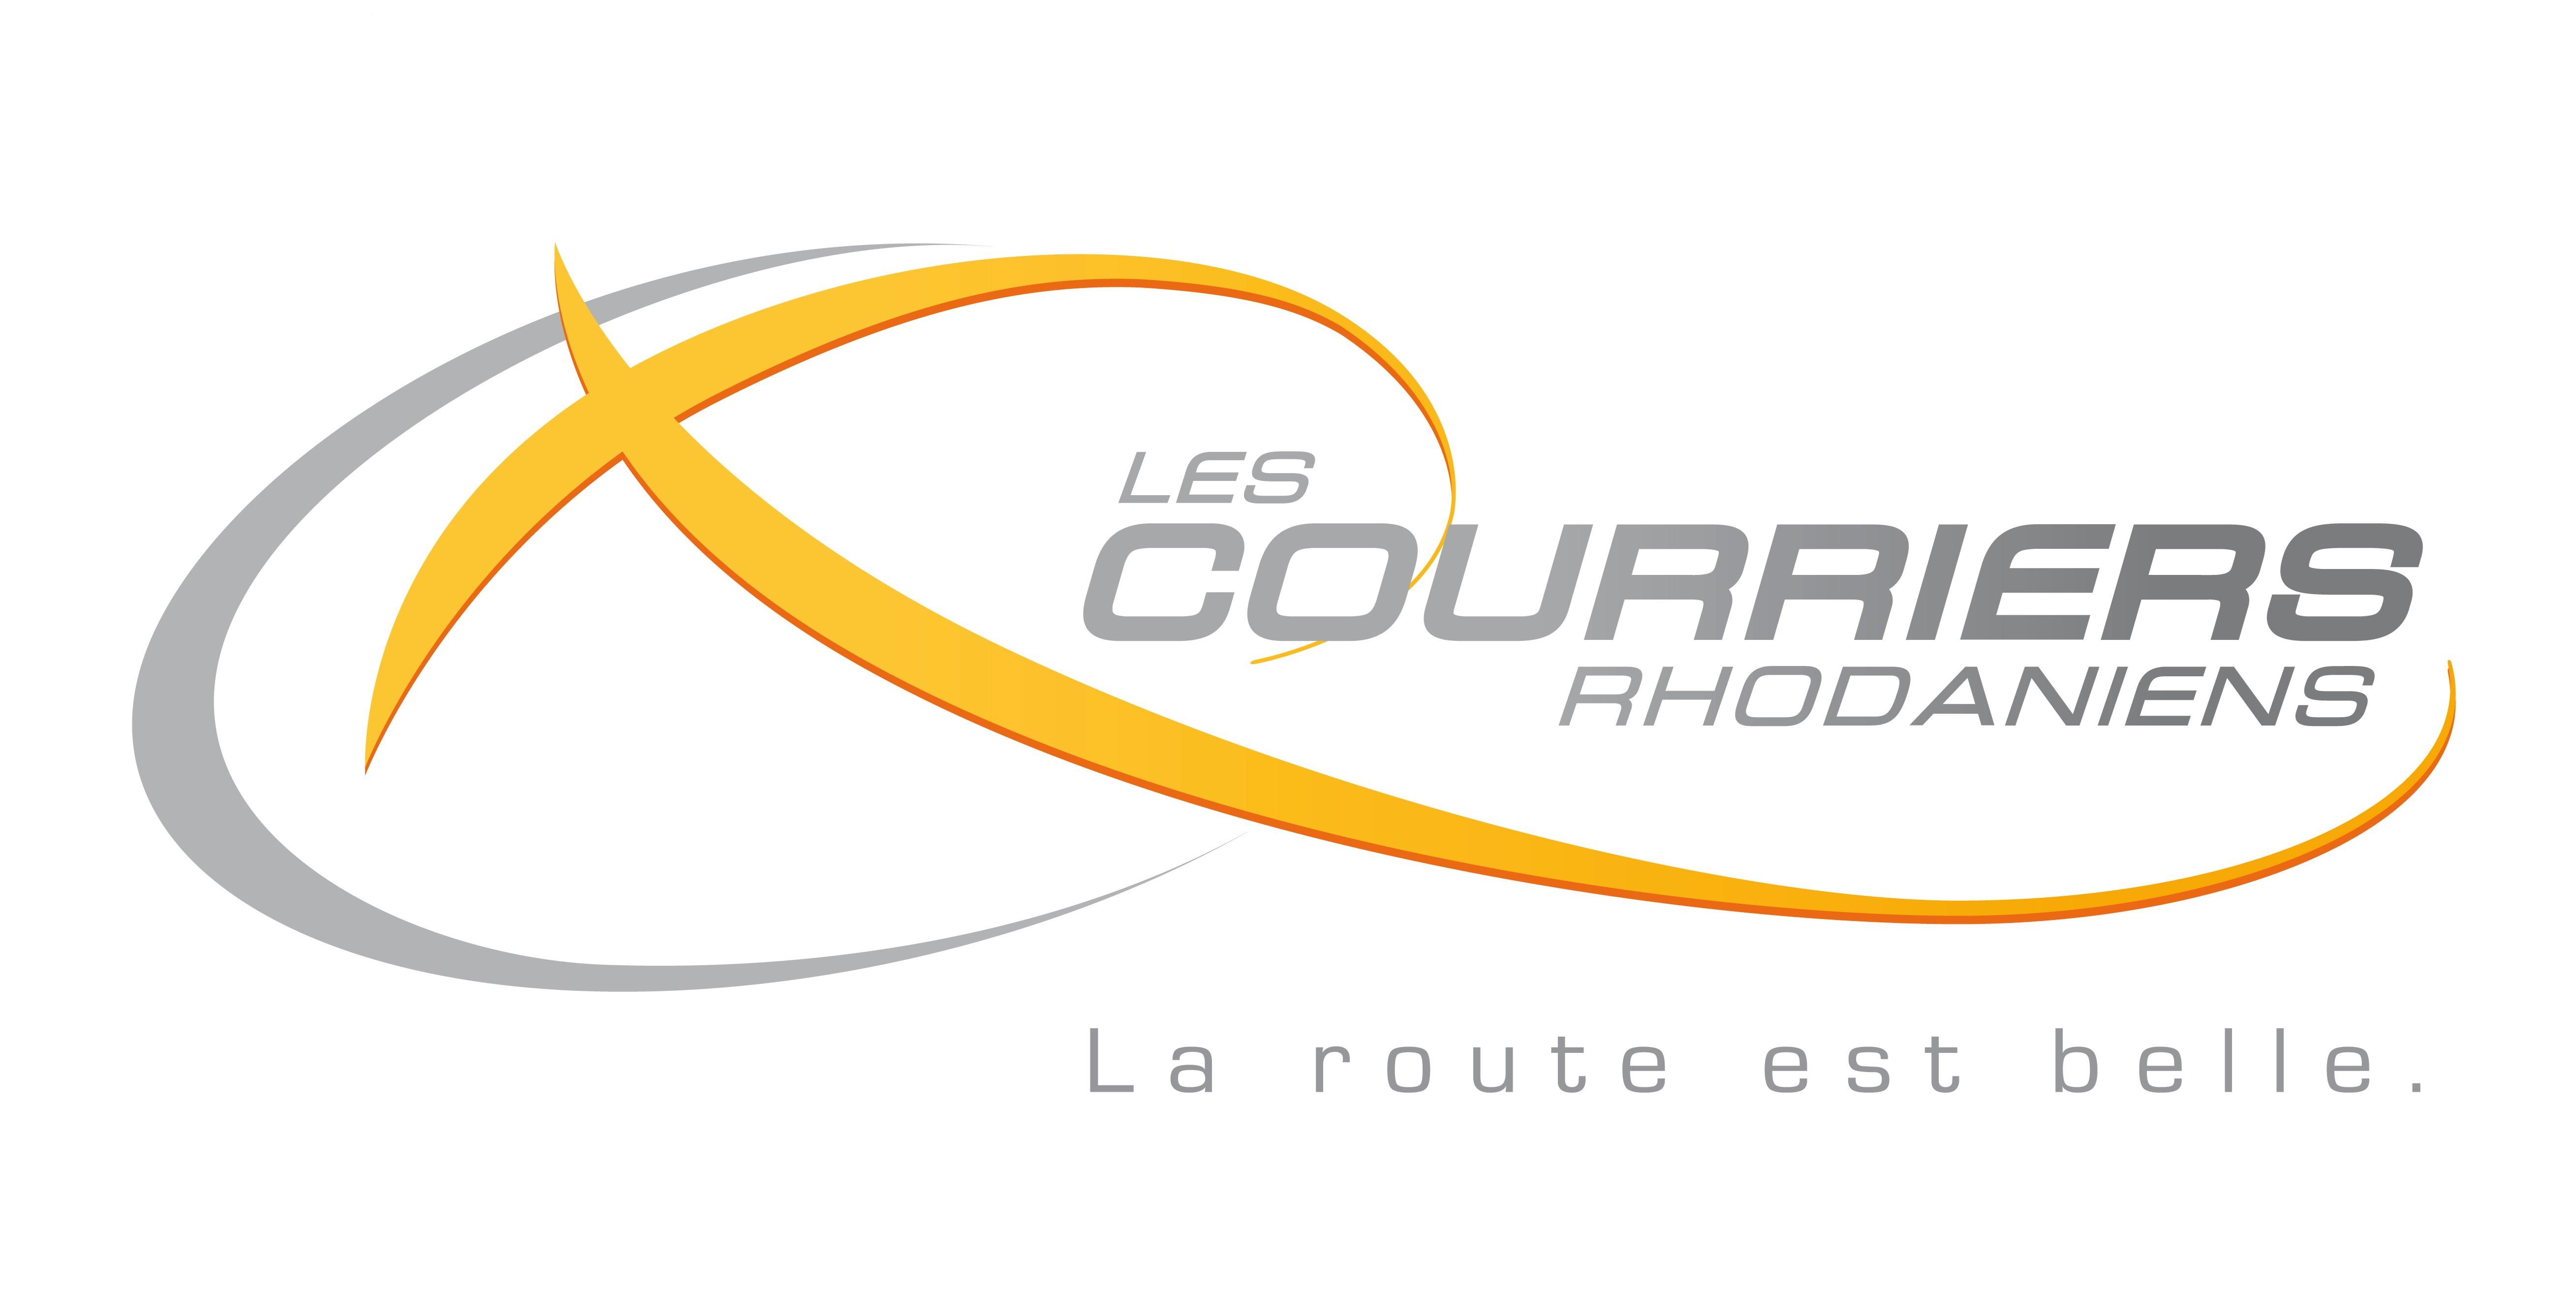 https://0501.nccdn.net/4_2/000/000/038/2d3/16-courriers-rhodaniens.jpg